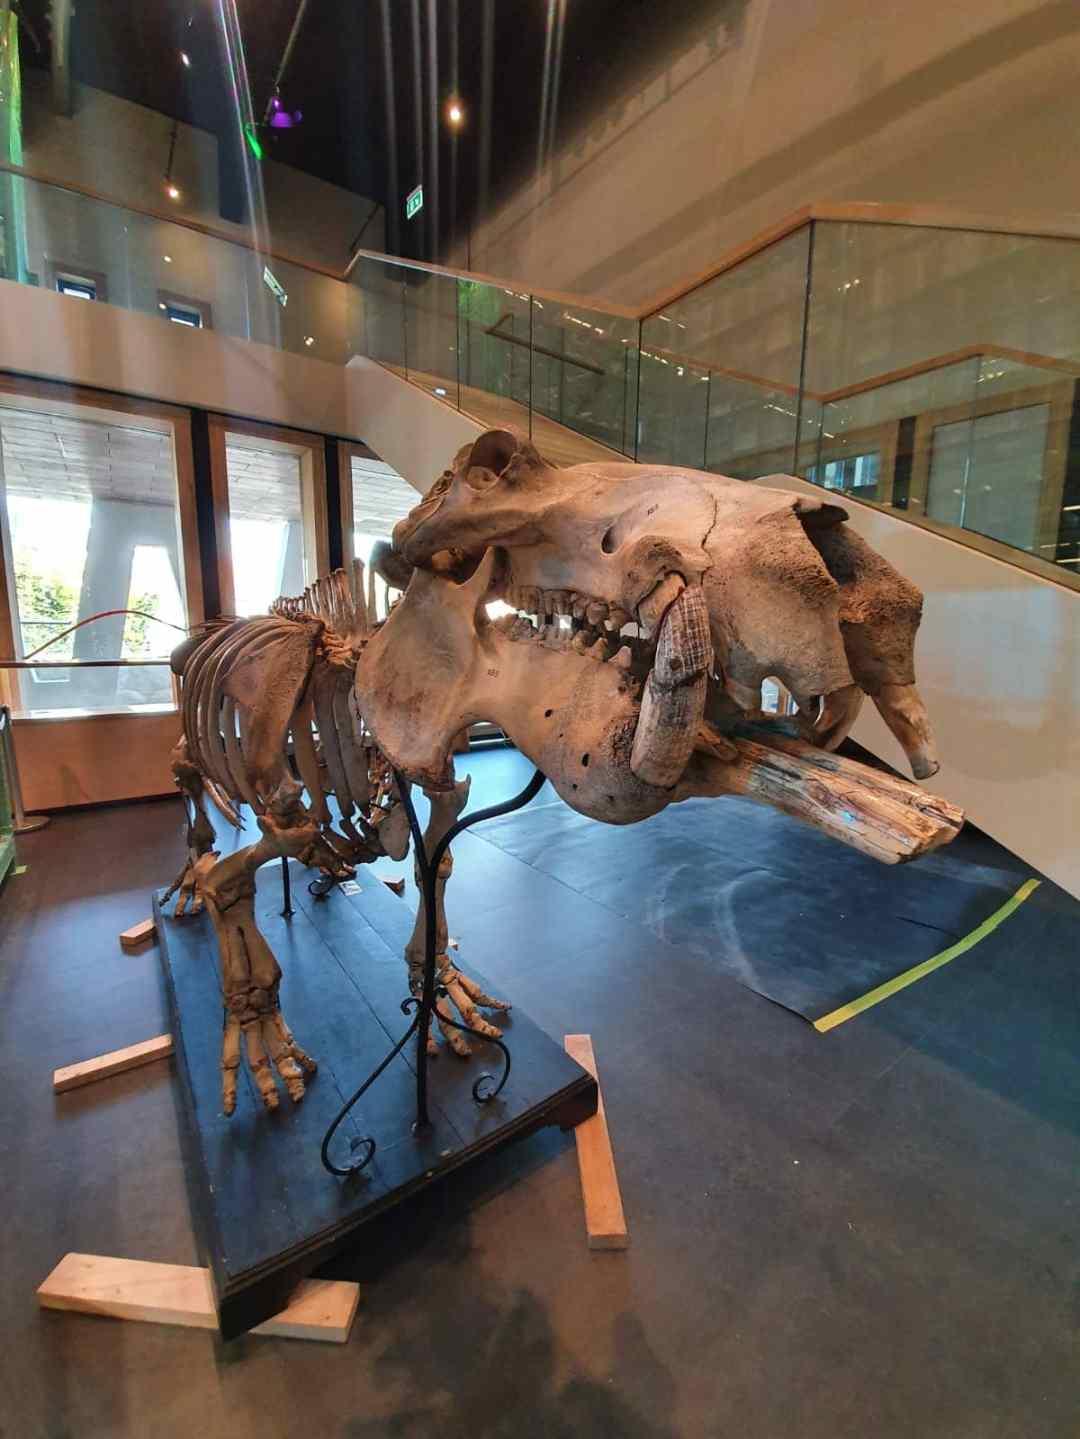 Skeletten | Opbouw historisch skelet Nijlpaard uit 1884 | Naturalis Biodiversity Center